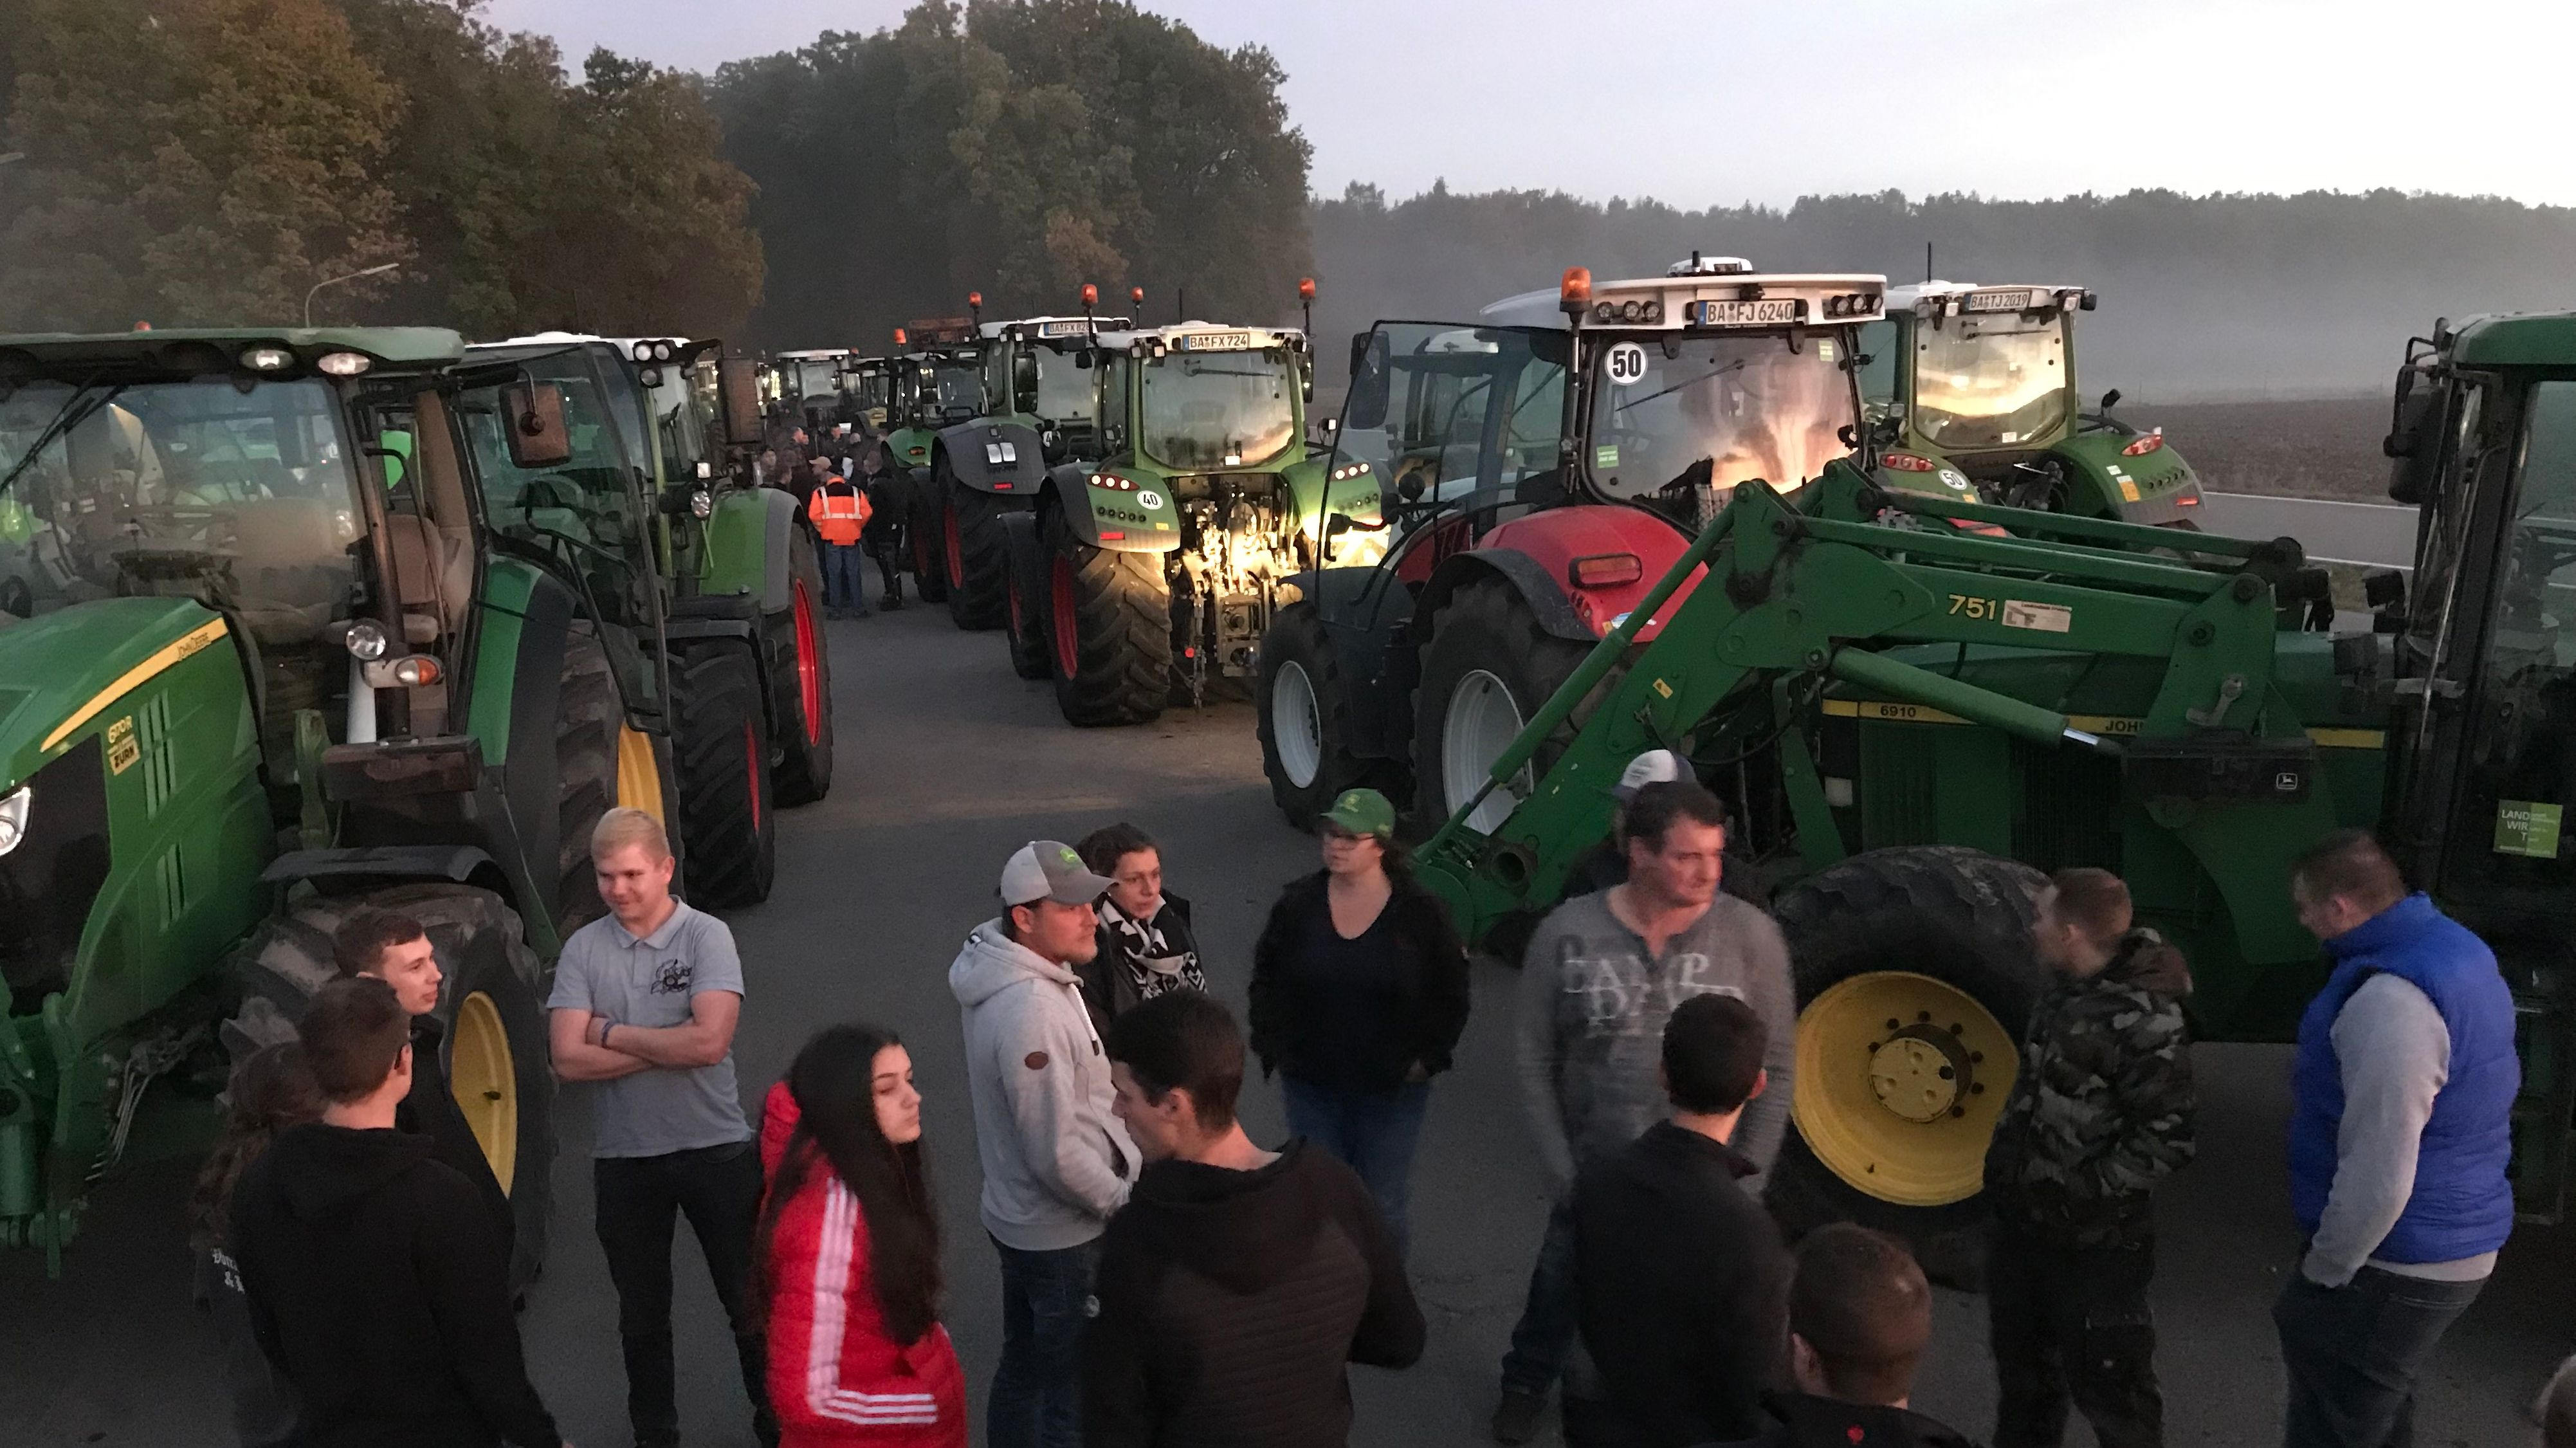 Im Morgengrauen stehen Landwirte vor ihren Traktoren, im Hintergrund Bäume.